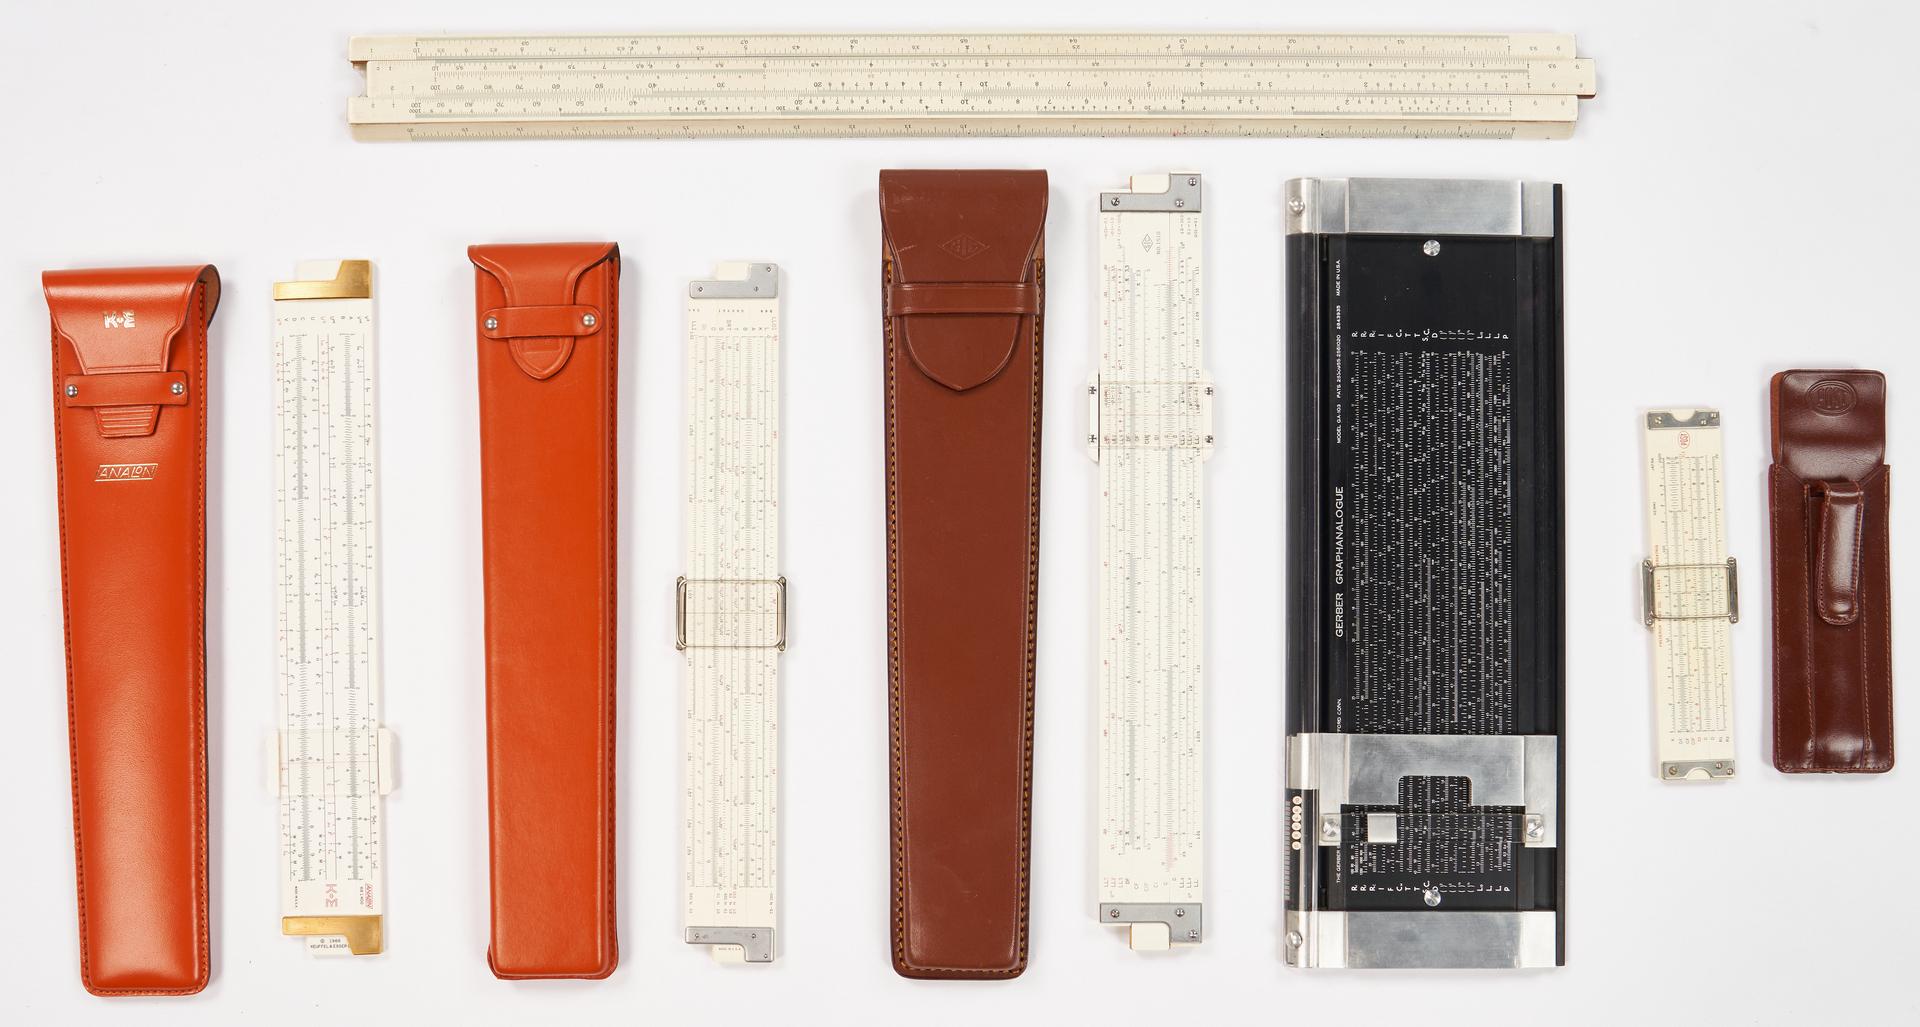 Lot 975: 5 Linear Slide Rules, incl. K&E, 7 items